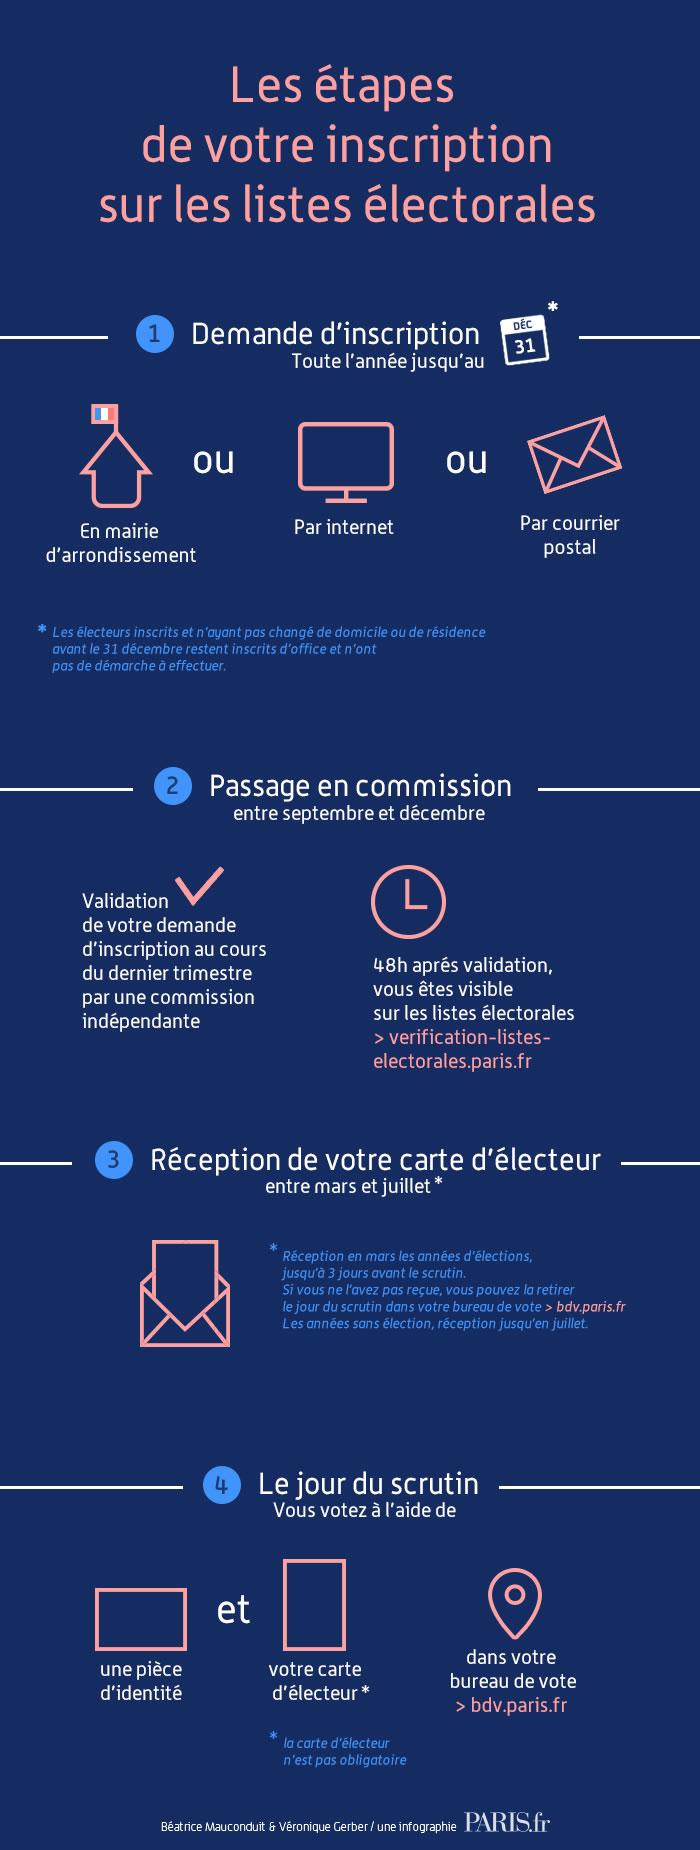 Les étapes de votre inscription sur les listes électorales